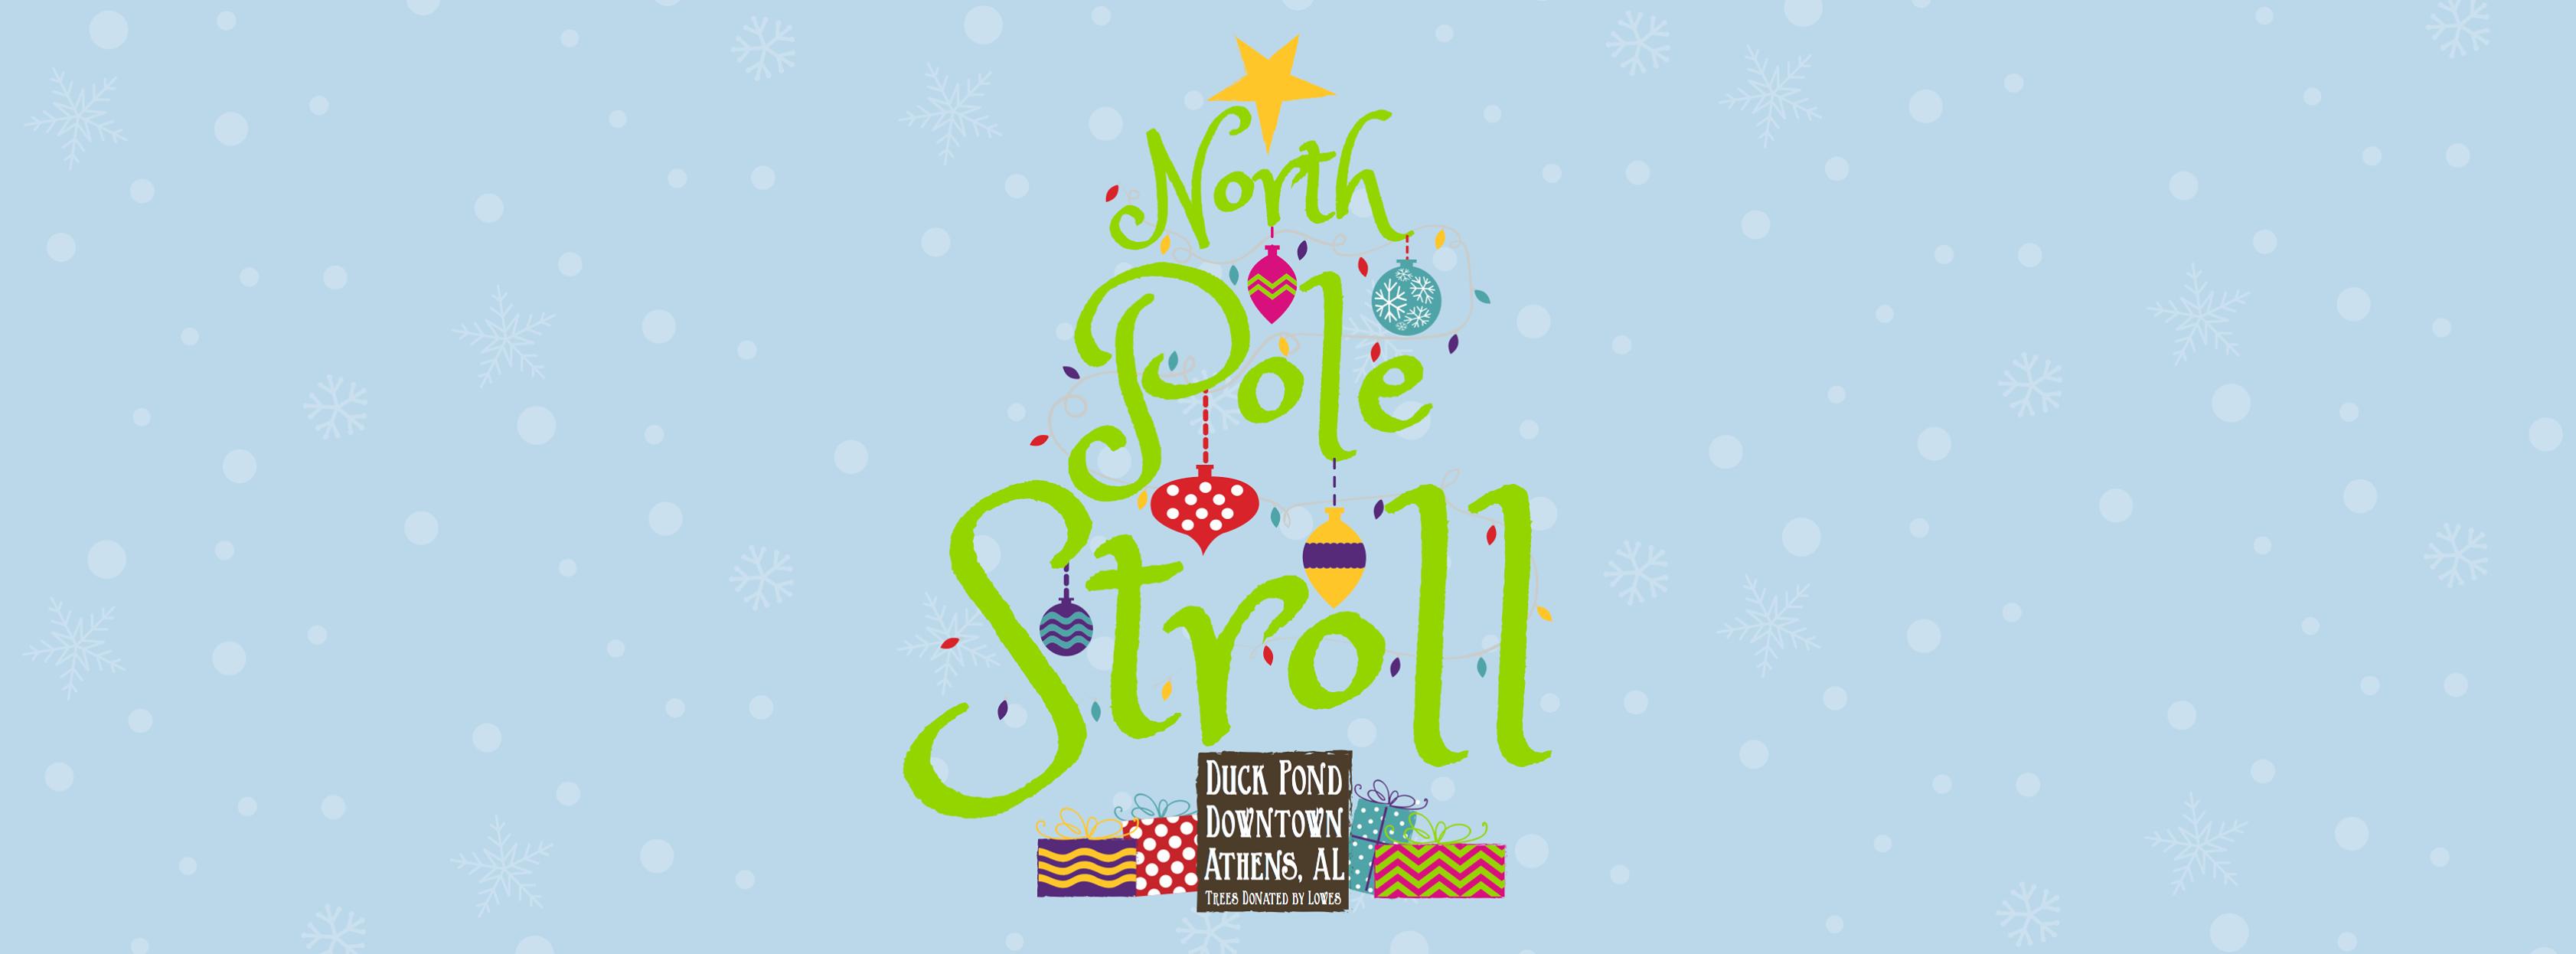 North pole stroll mobile al